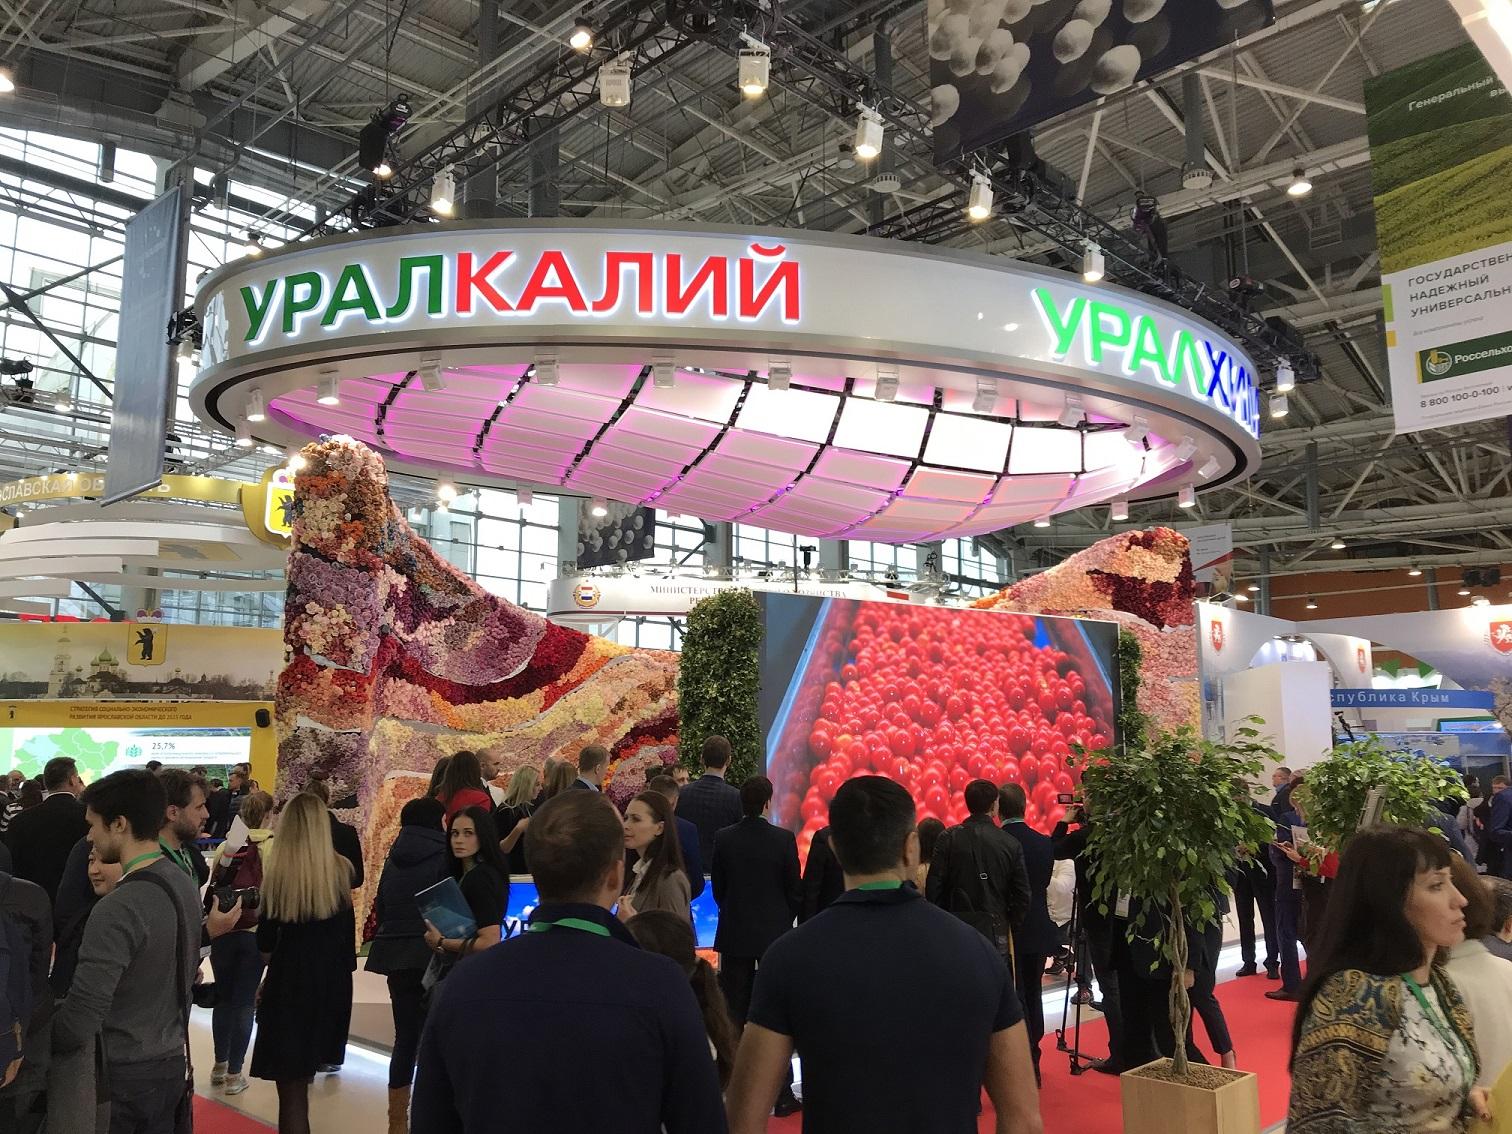 Председатель Аграрного комитета Госдумы встретился с руководителями компаний «УРАЛХИМ» и «Уралкалий»